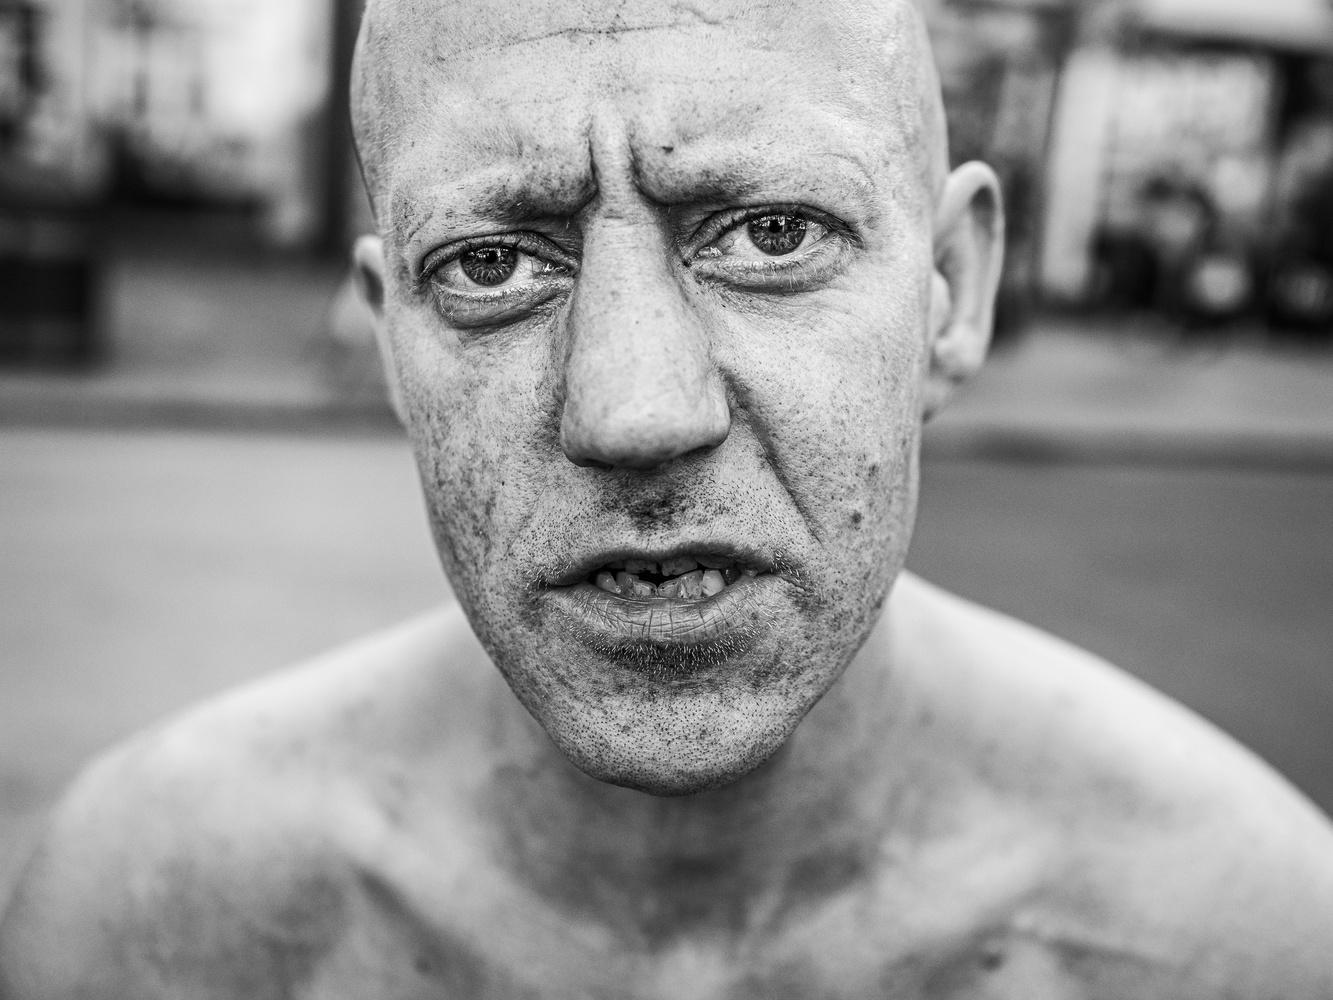 Street life by Tomasz Kowalski